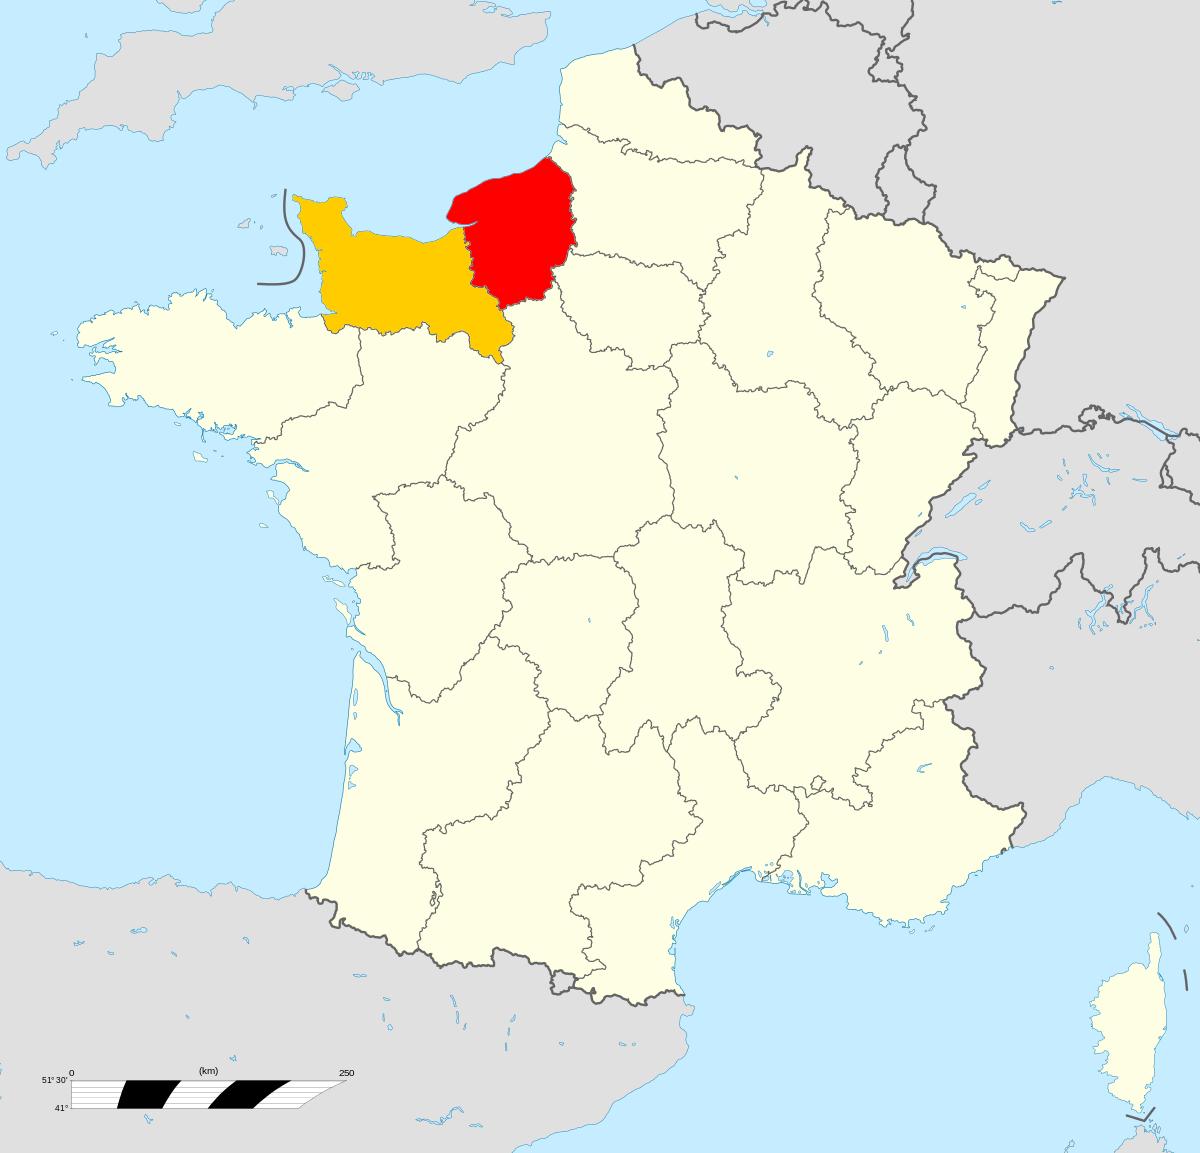 Réunification De La Normandie — Wikipédia concernant Nouvelles Régions De France 2016